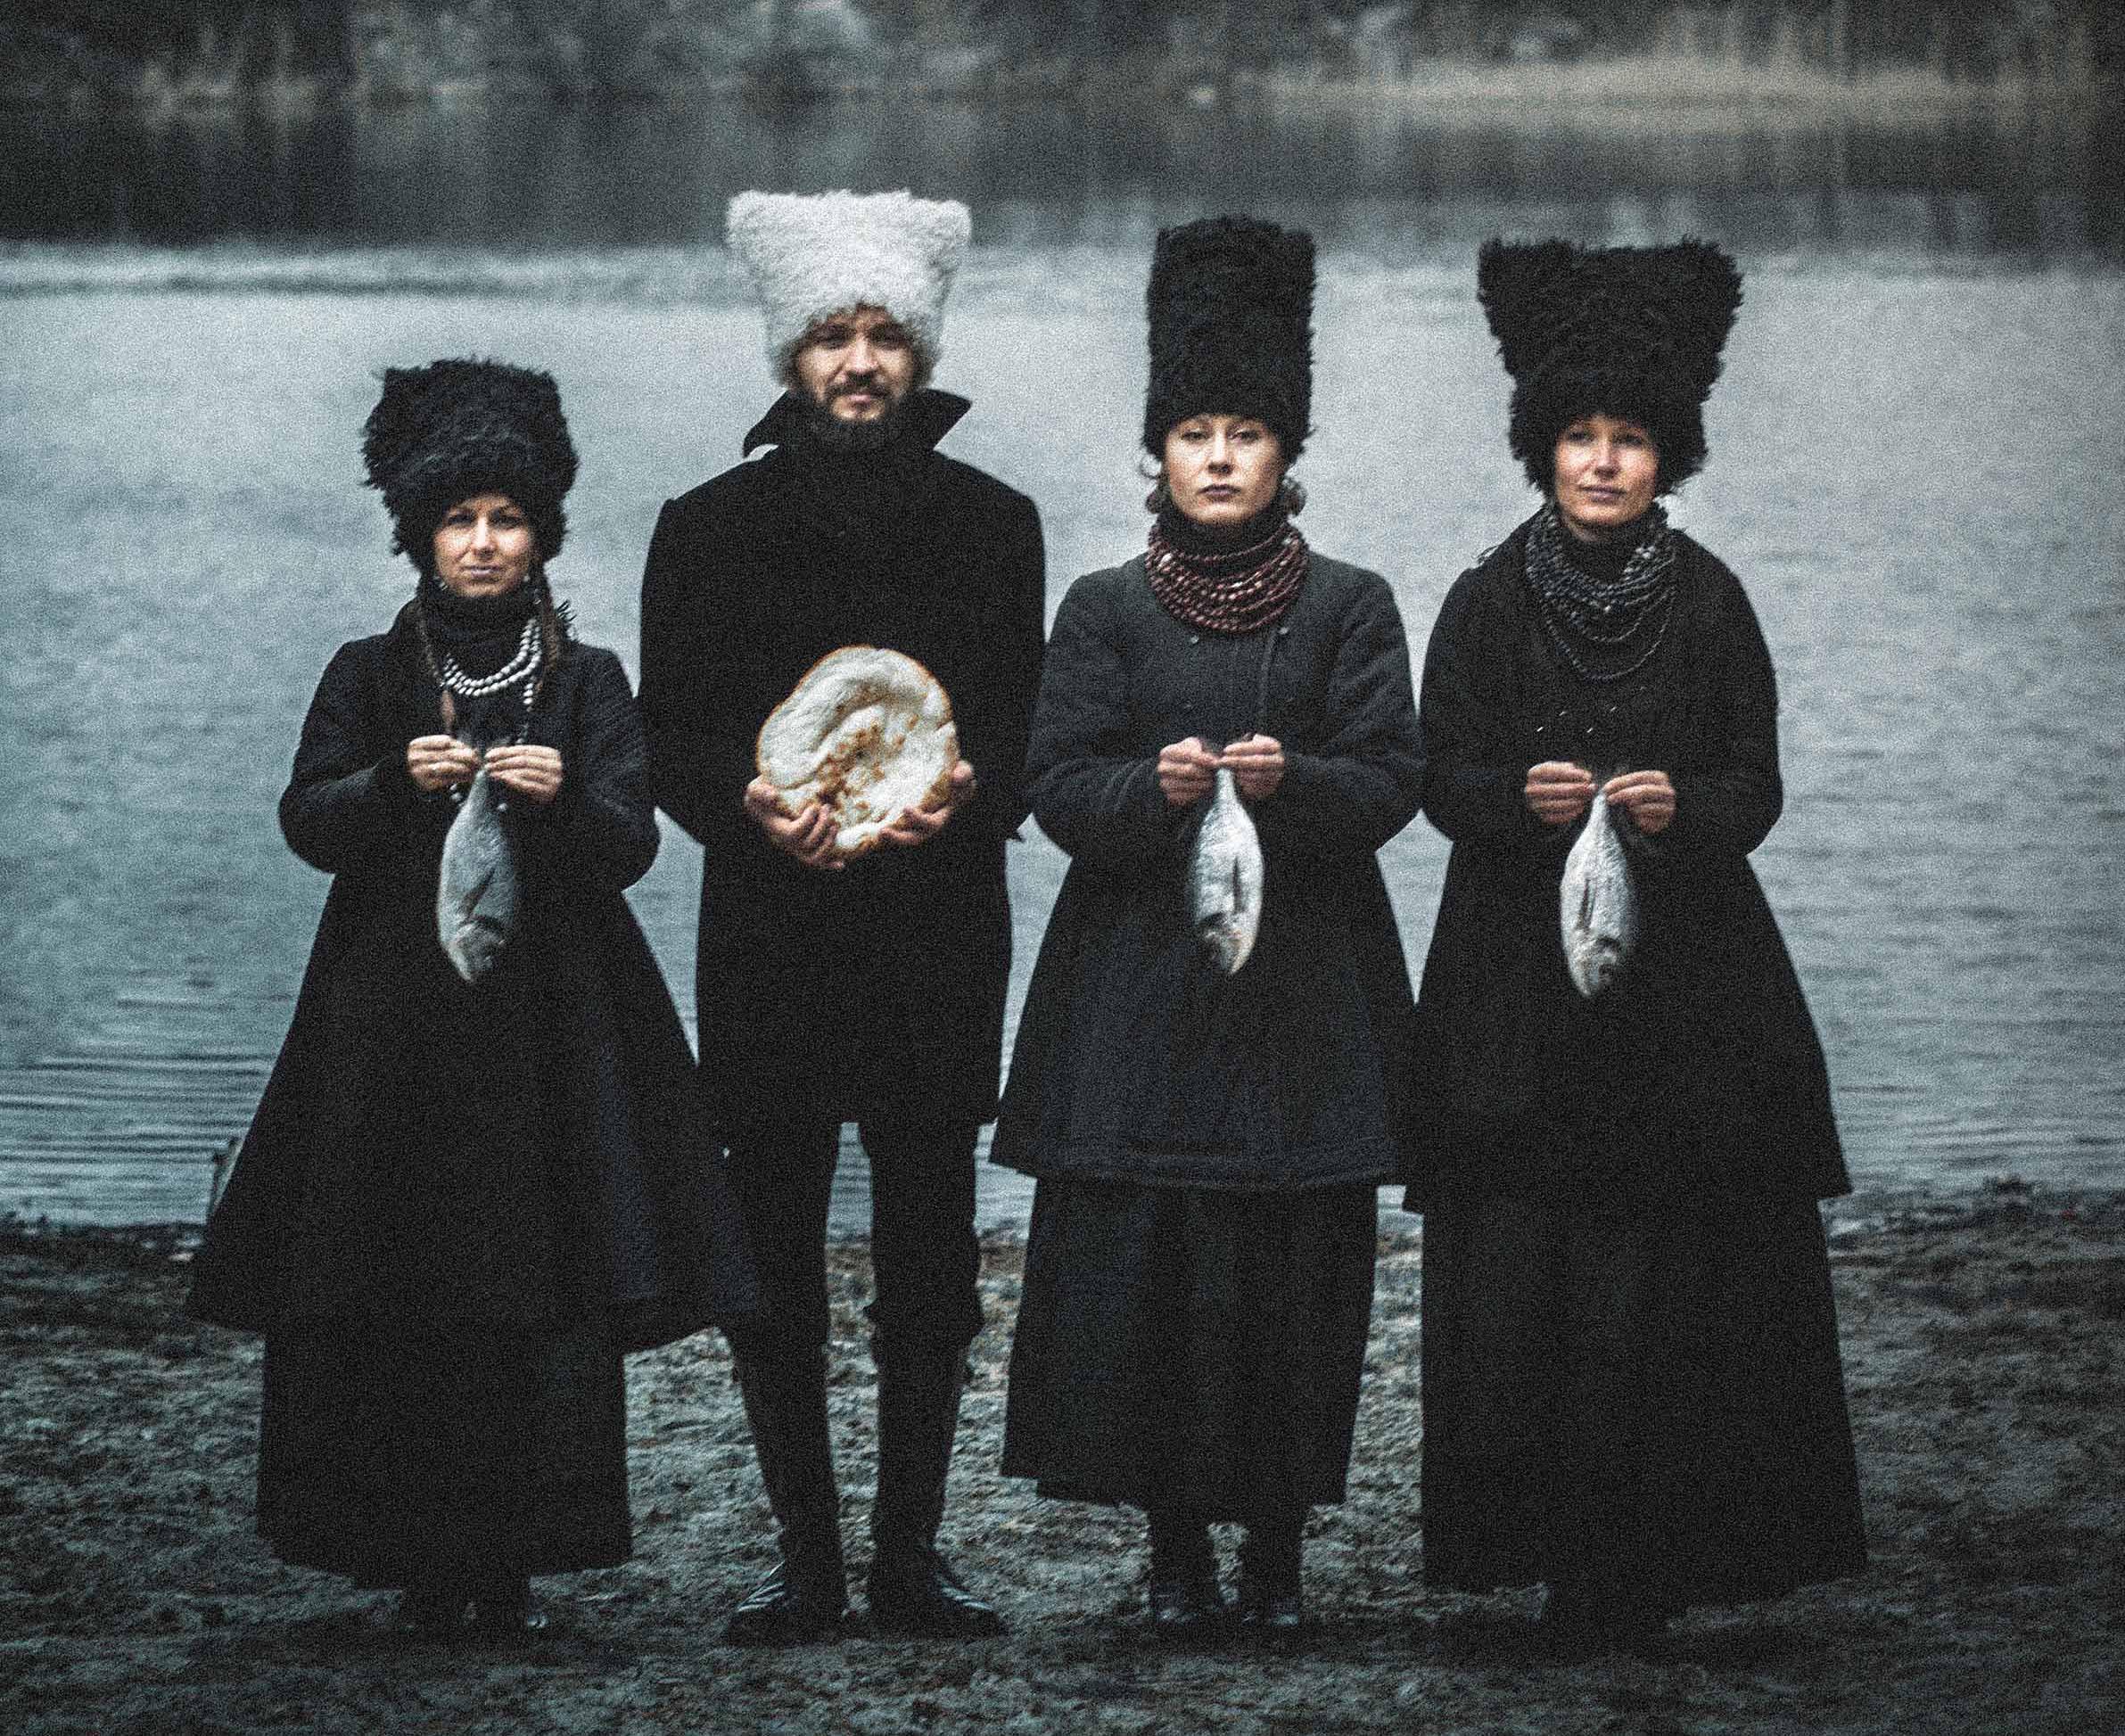 Photo by Olga Zakrevska.